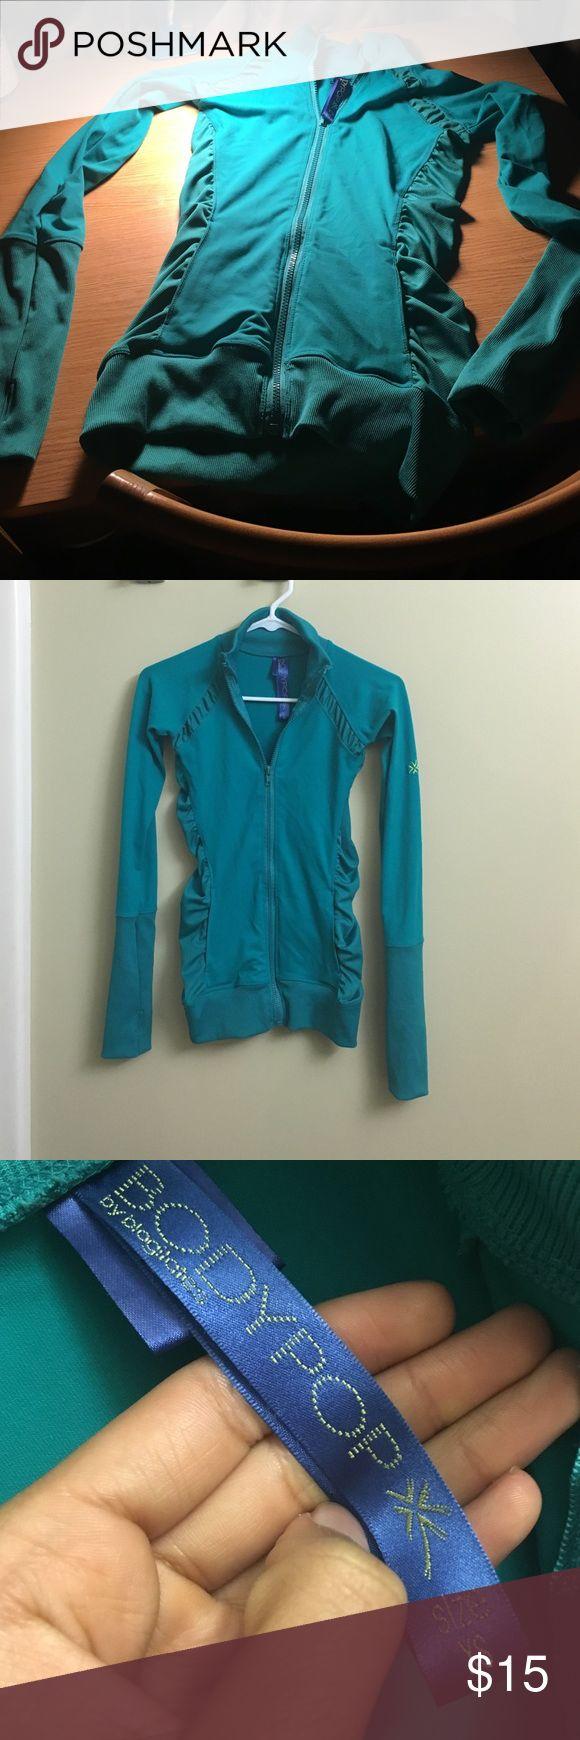 Blogilates Turquoise Athletic Jacket Stylish jacket with a tight, figure hugging fit. Blogilates Jackets & Coats